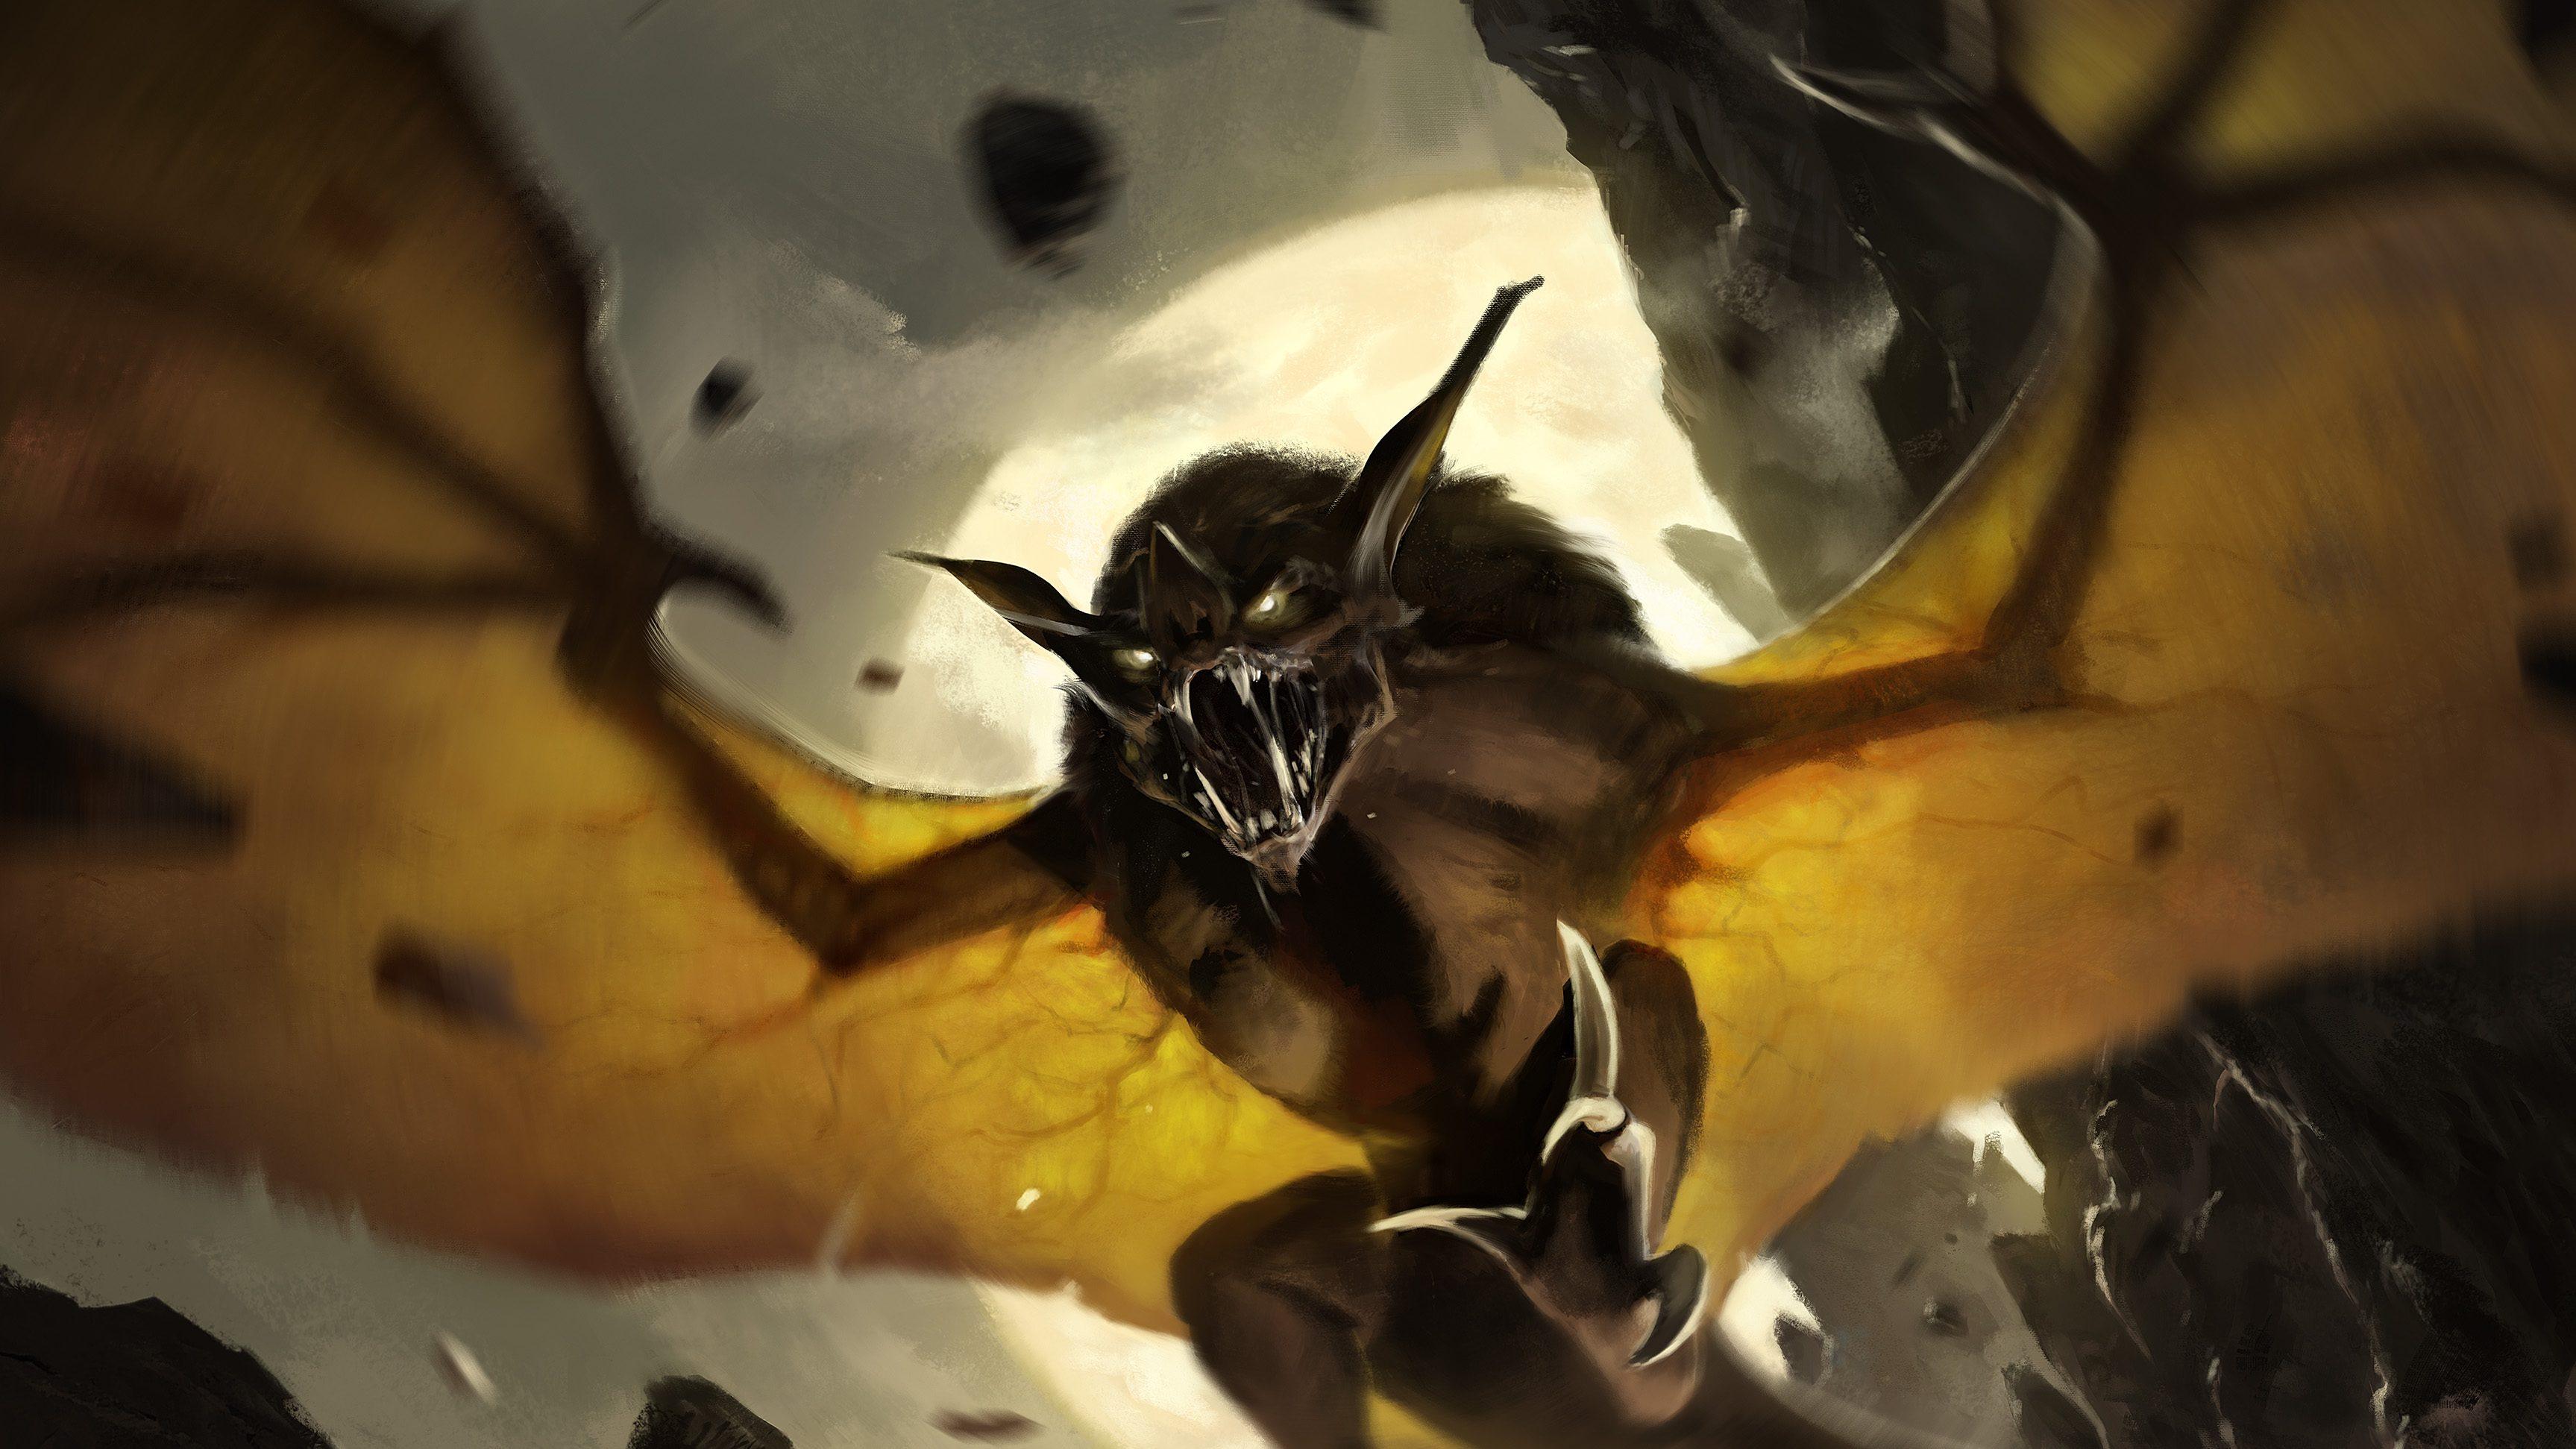 Dirge Bat Art by Paul Scott Canavan